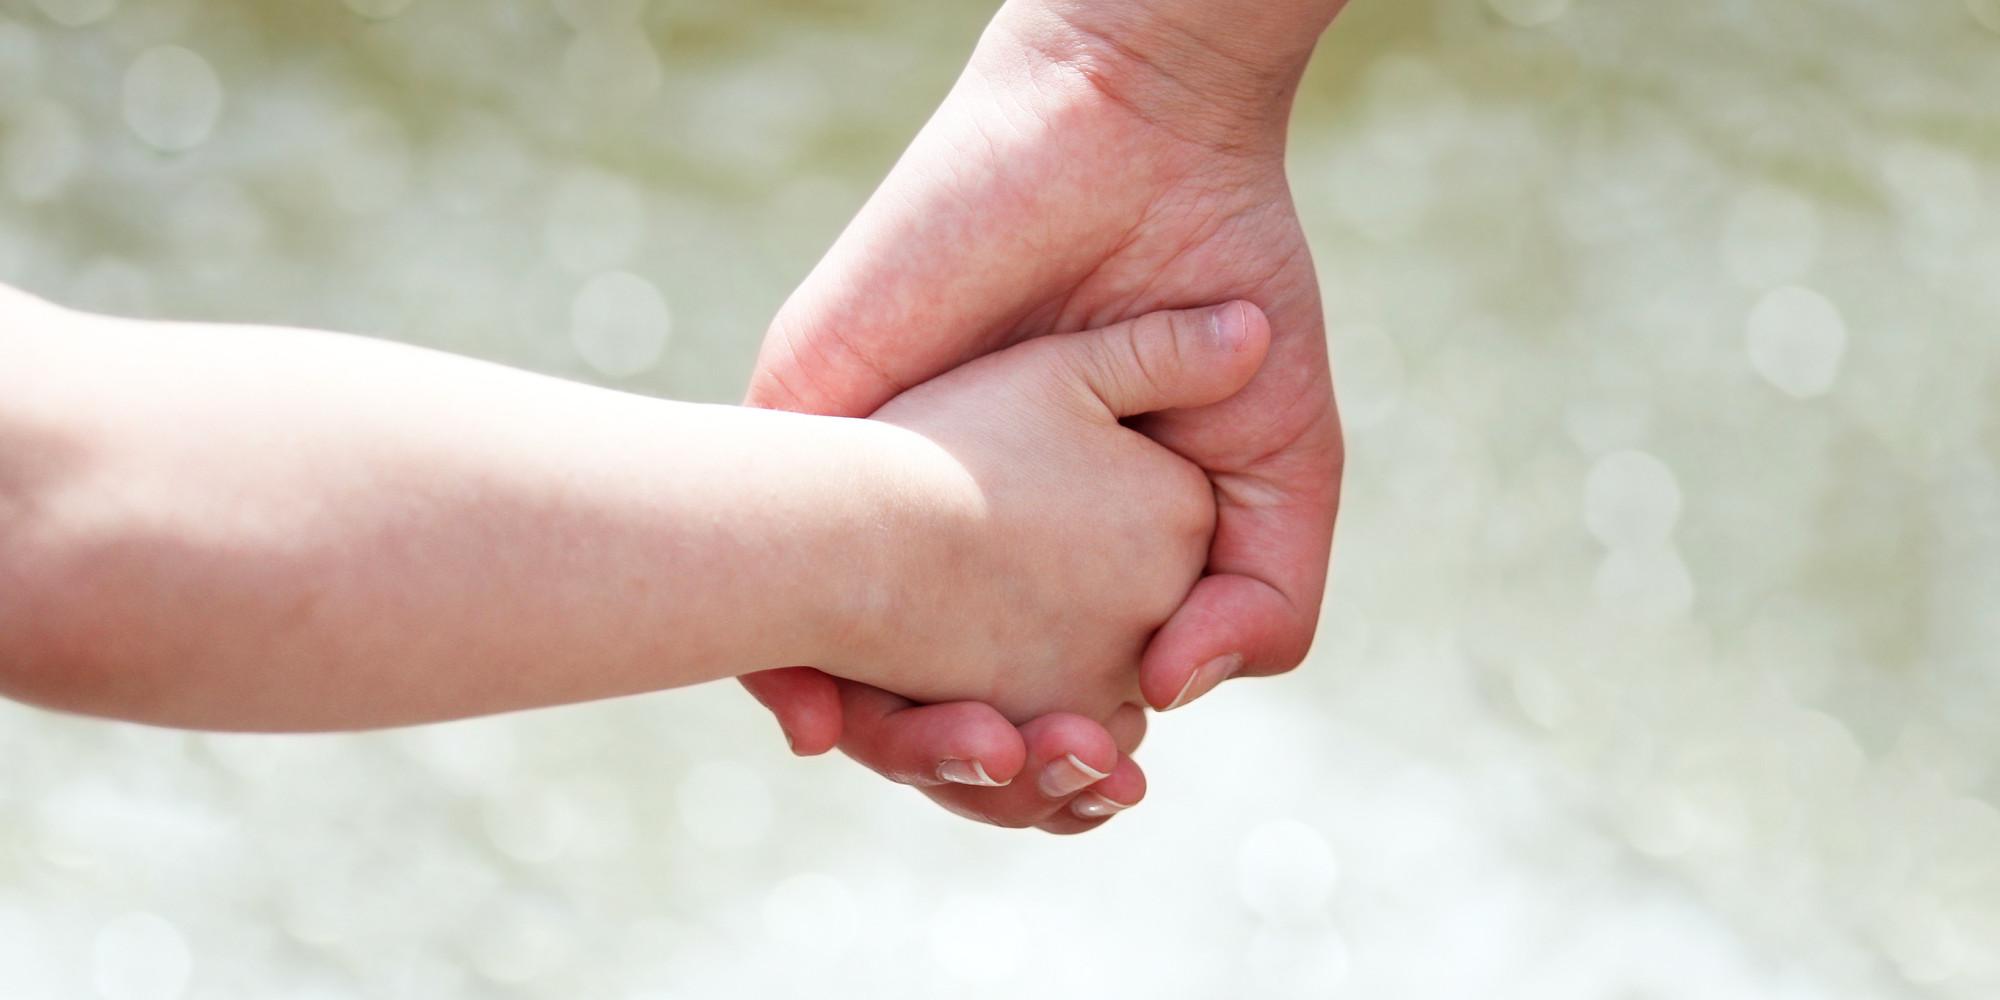 Национальное агентство по усыновлению открыли в Казахстане